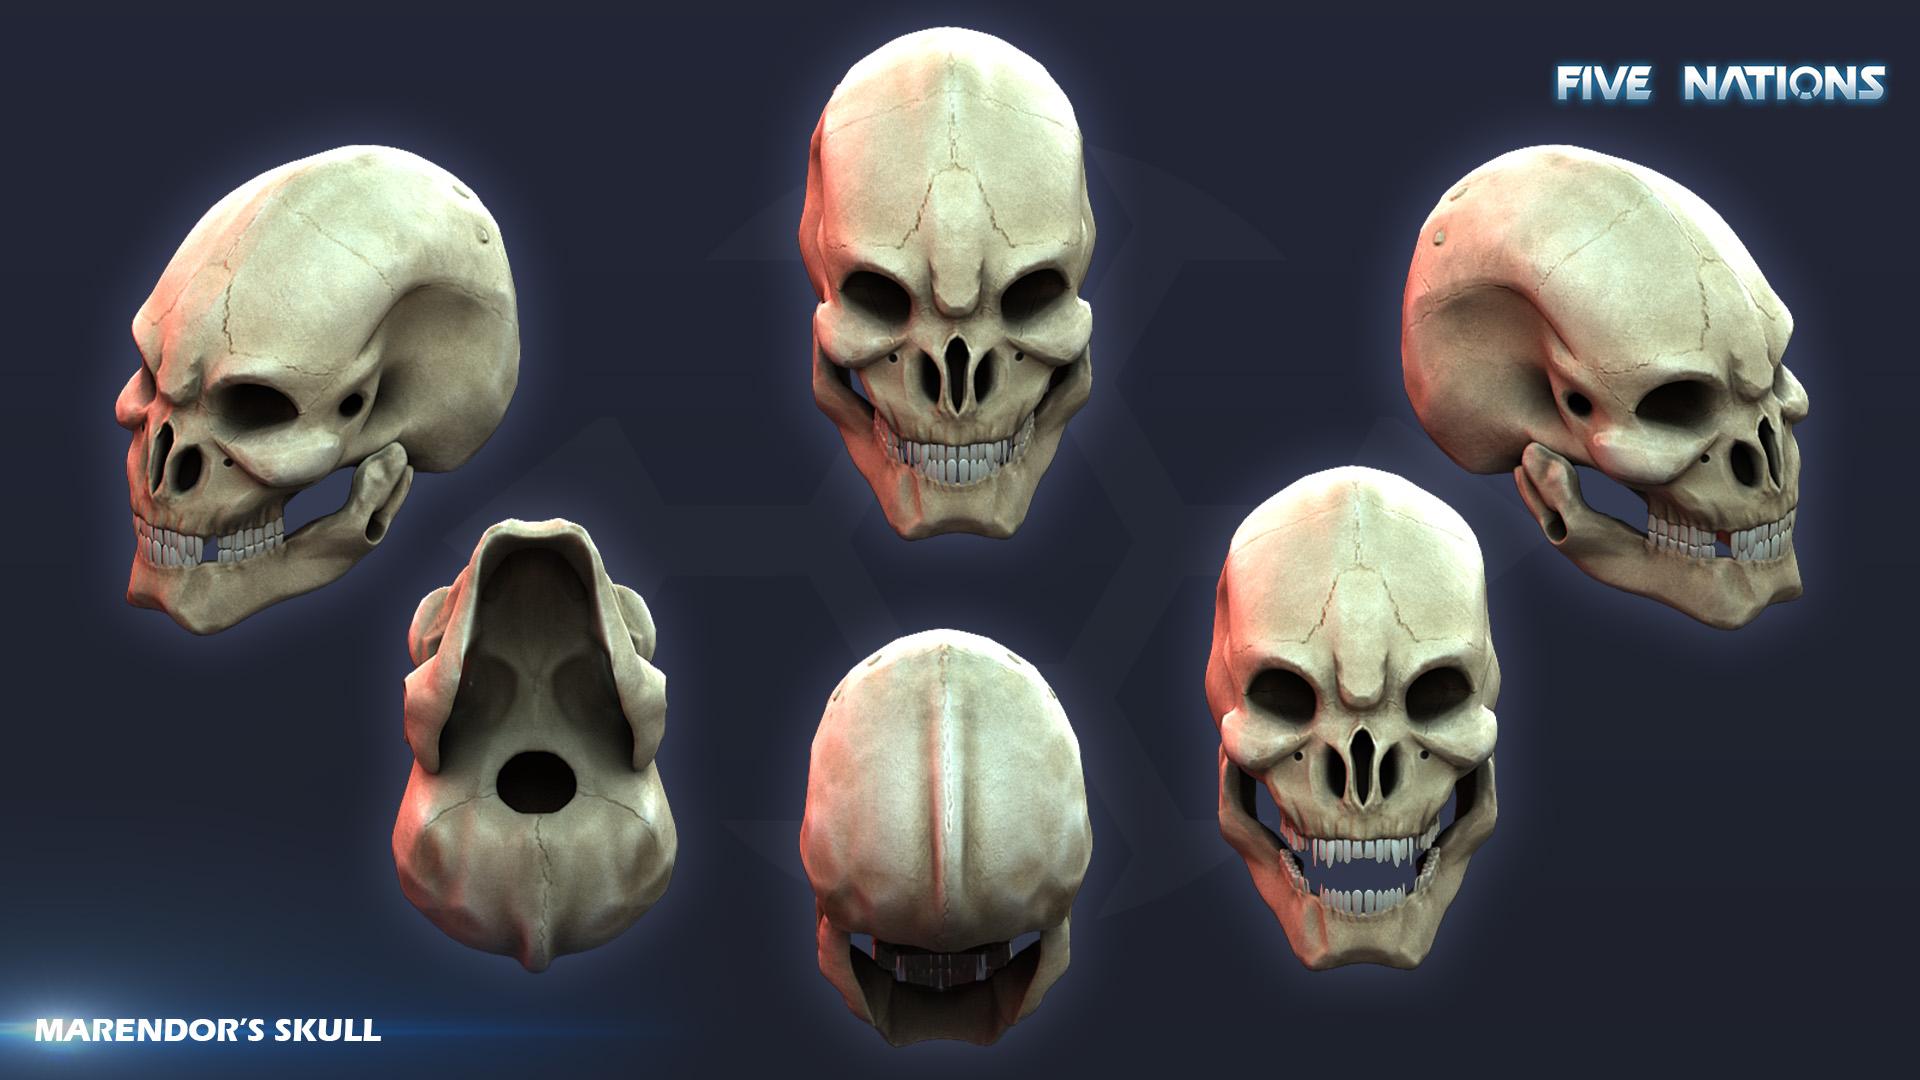 Marendors skull